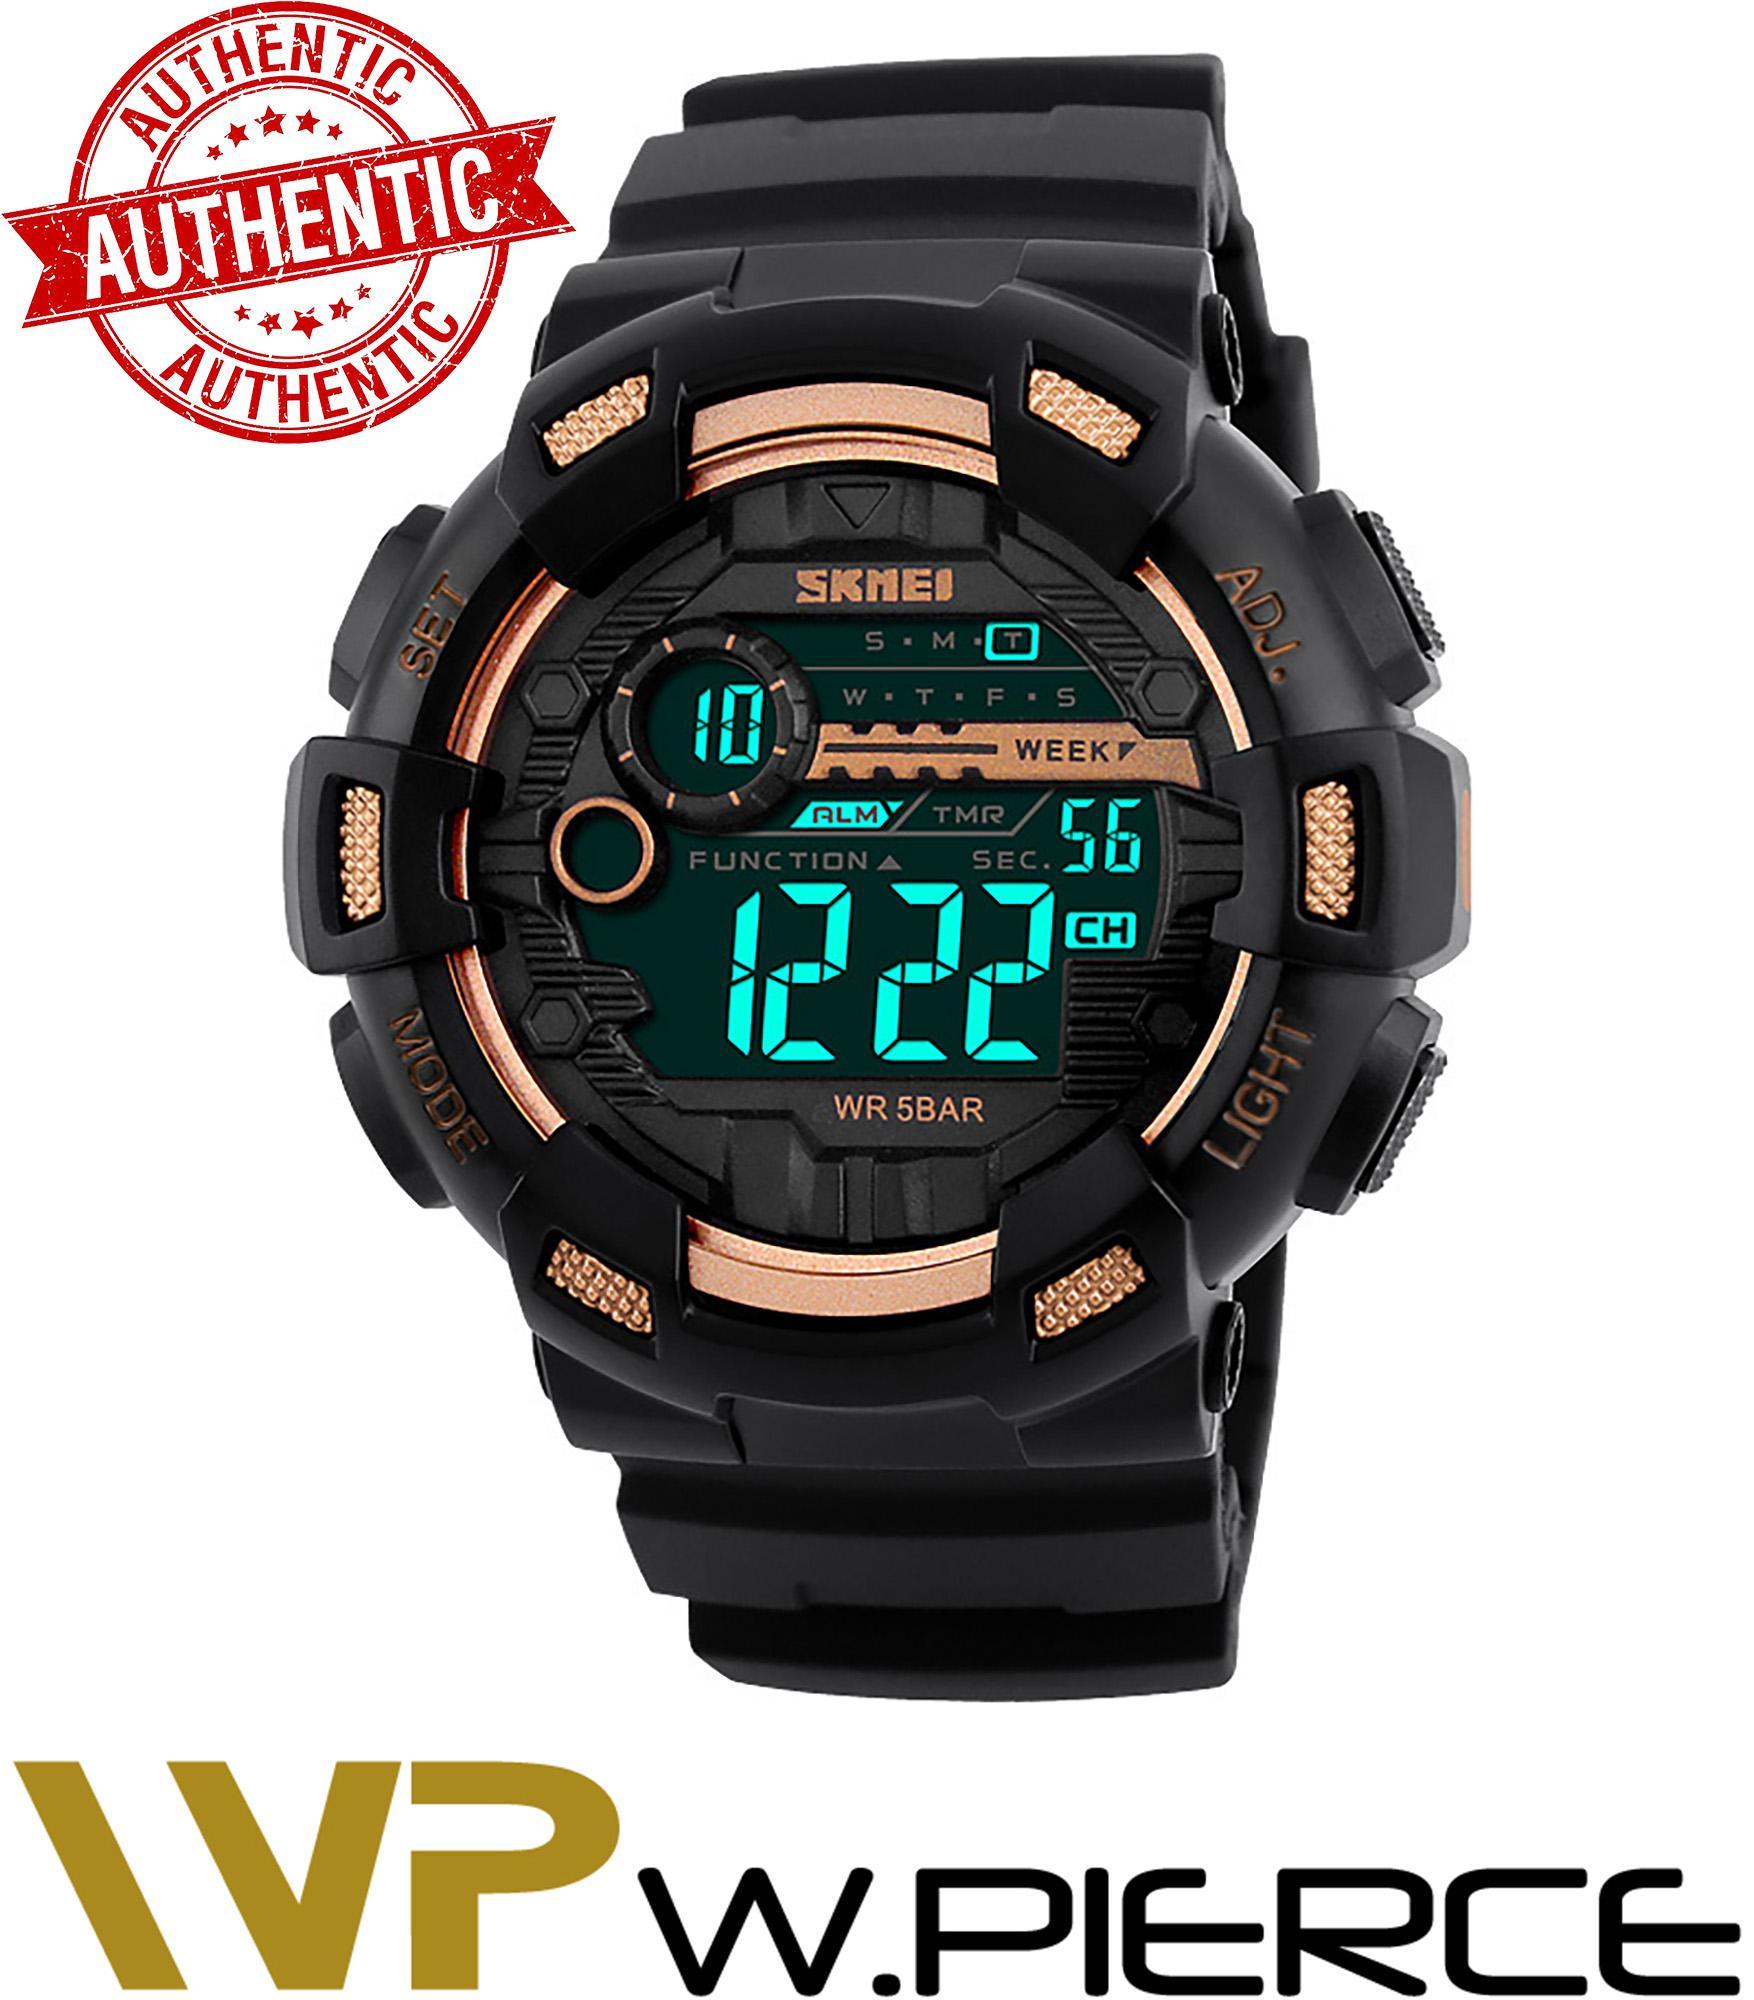 3921097d115 SKMEI 1243 W Box W.Pierce Men Sports Watches 50M Waterproof Back Light LED